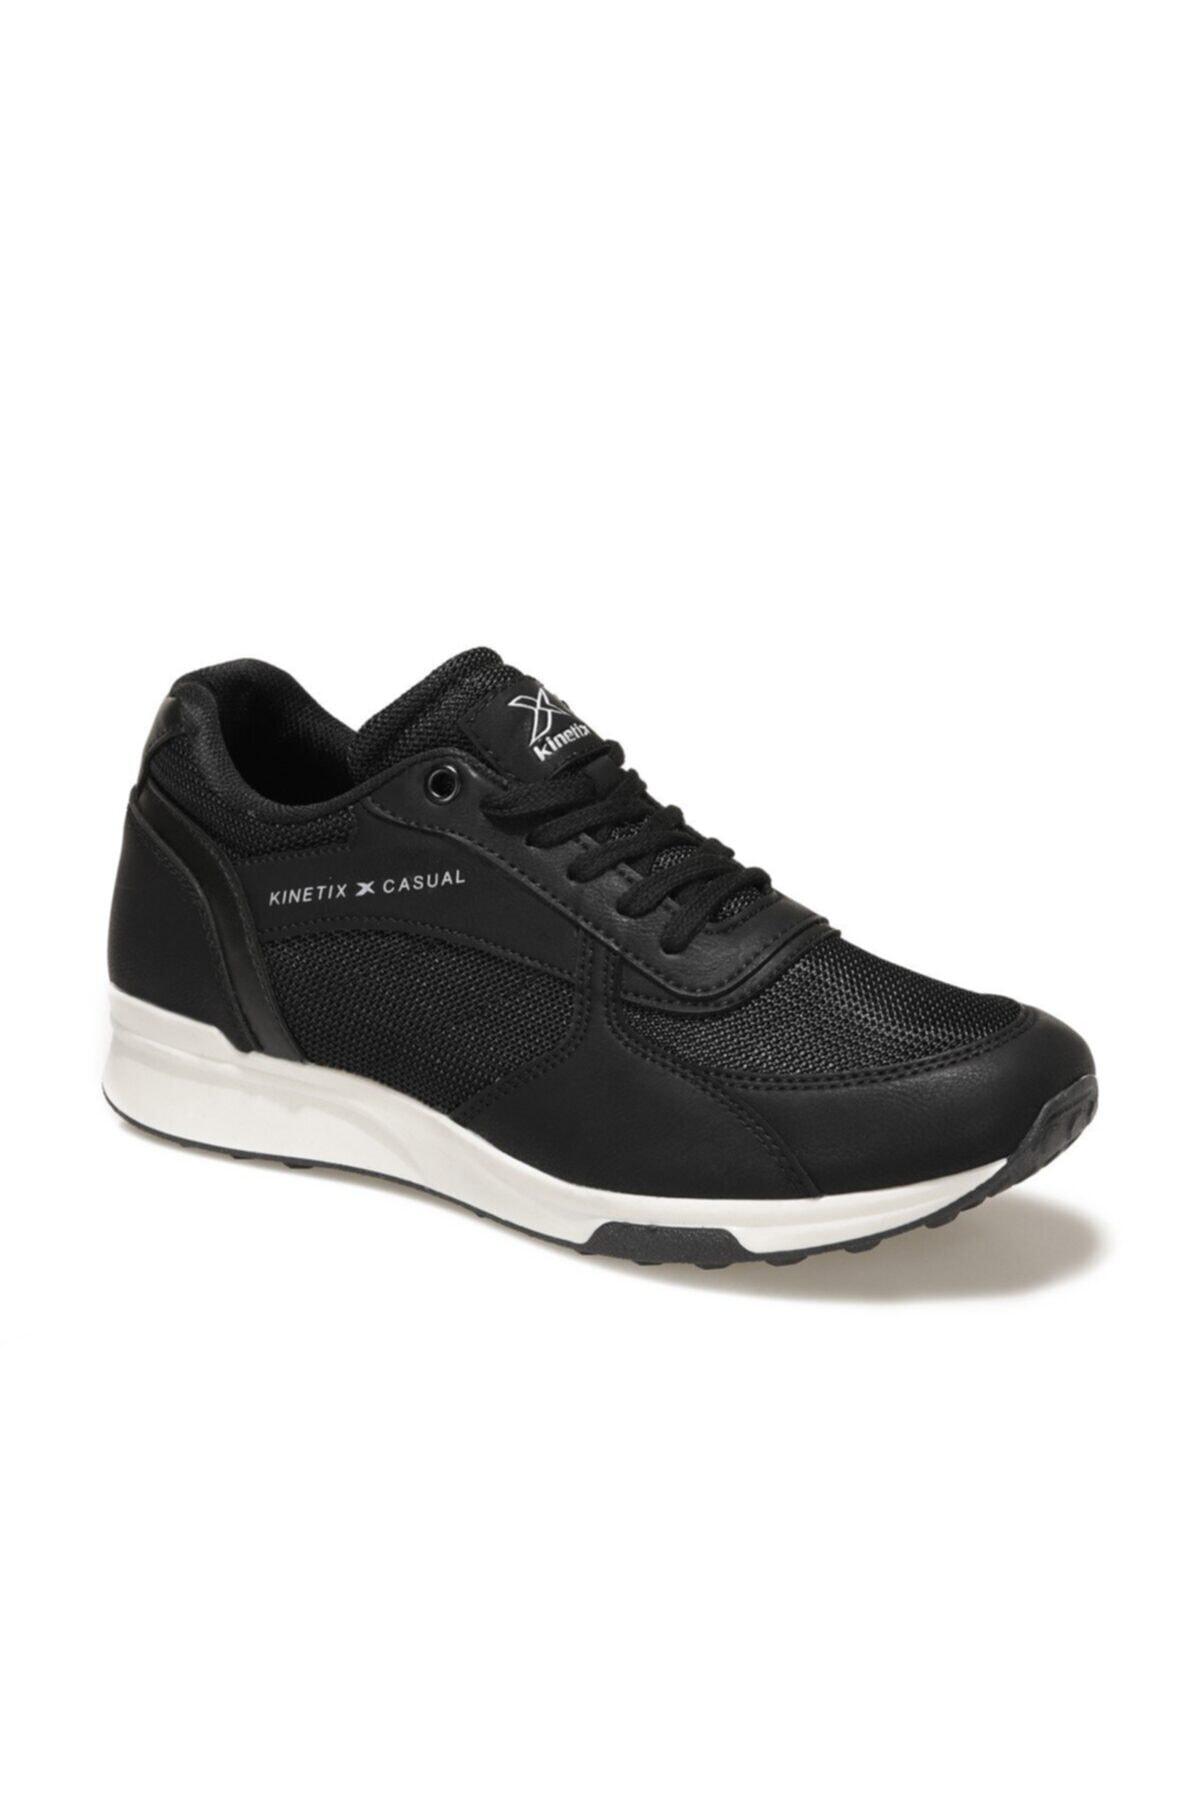 Maynor 1fx Siyah Erkek Casual Ayakkabı